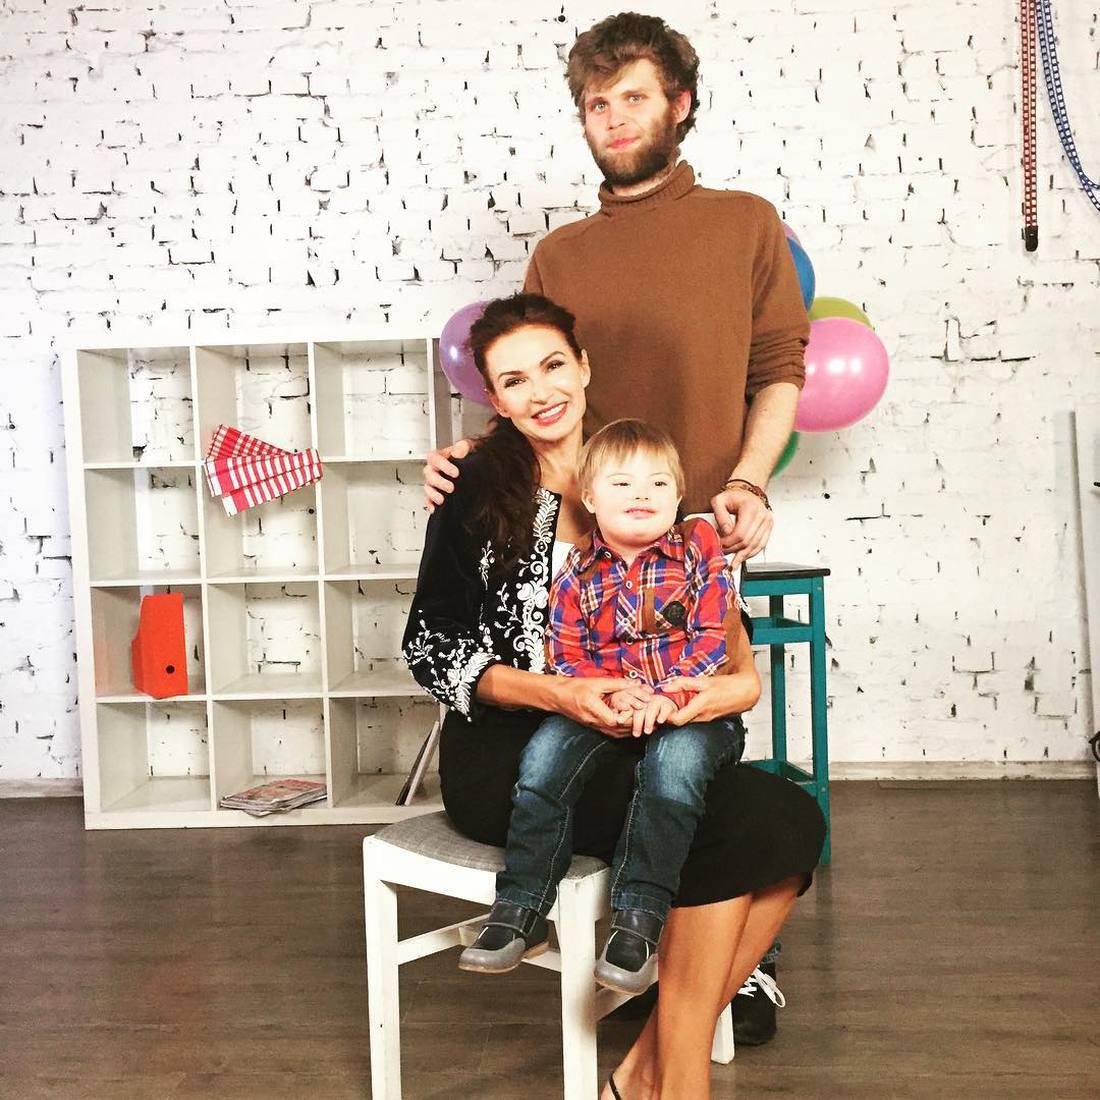 Сэкс с мамашами россия 18 фотография